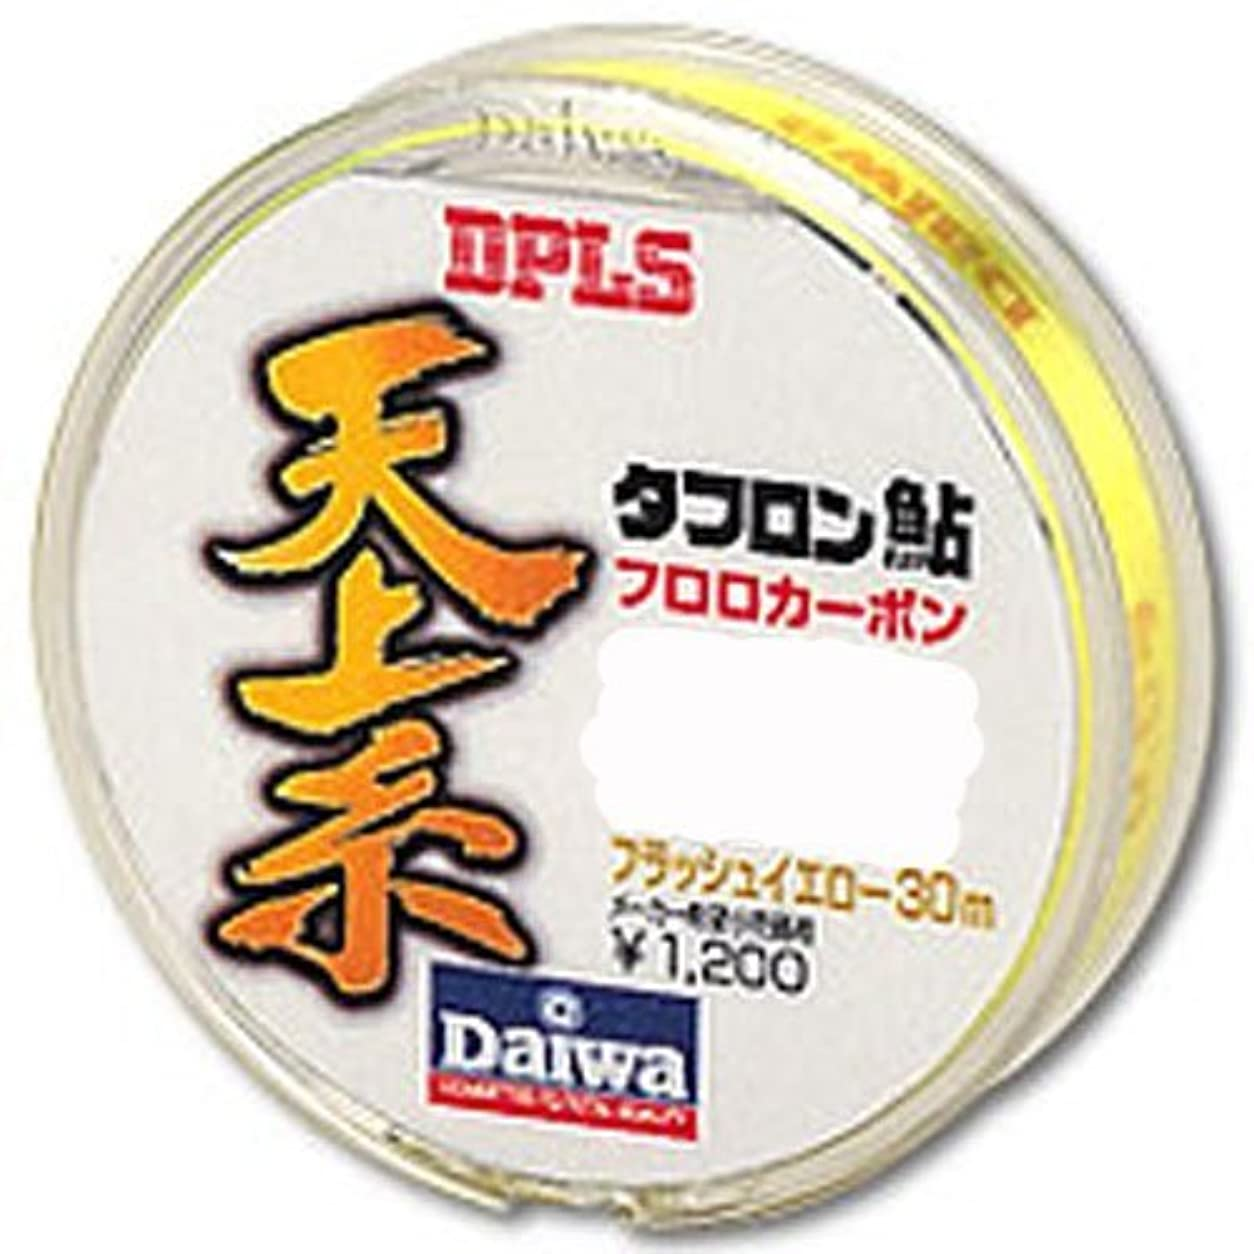 作曲する腹痛特権的ダイワ(Daiwa) フロロカーボンライン タフロン鮎 天上糸 30m 0.6号 フラッシュイエロー